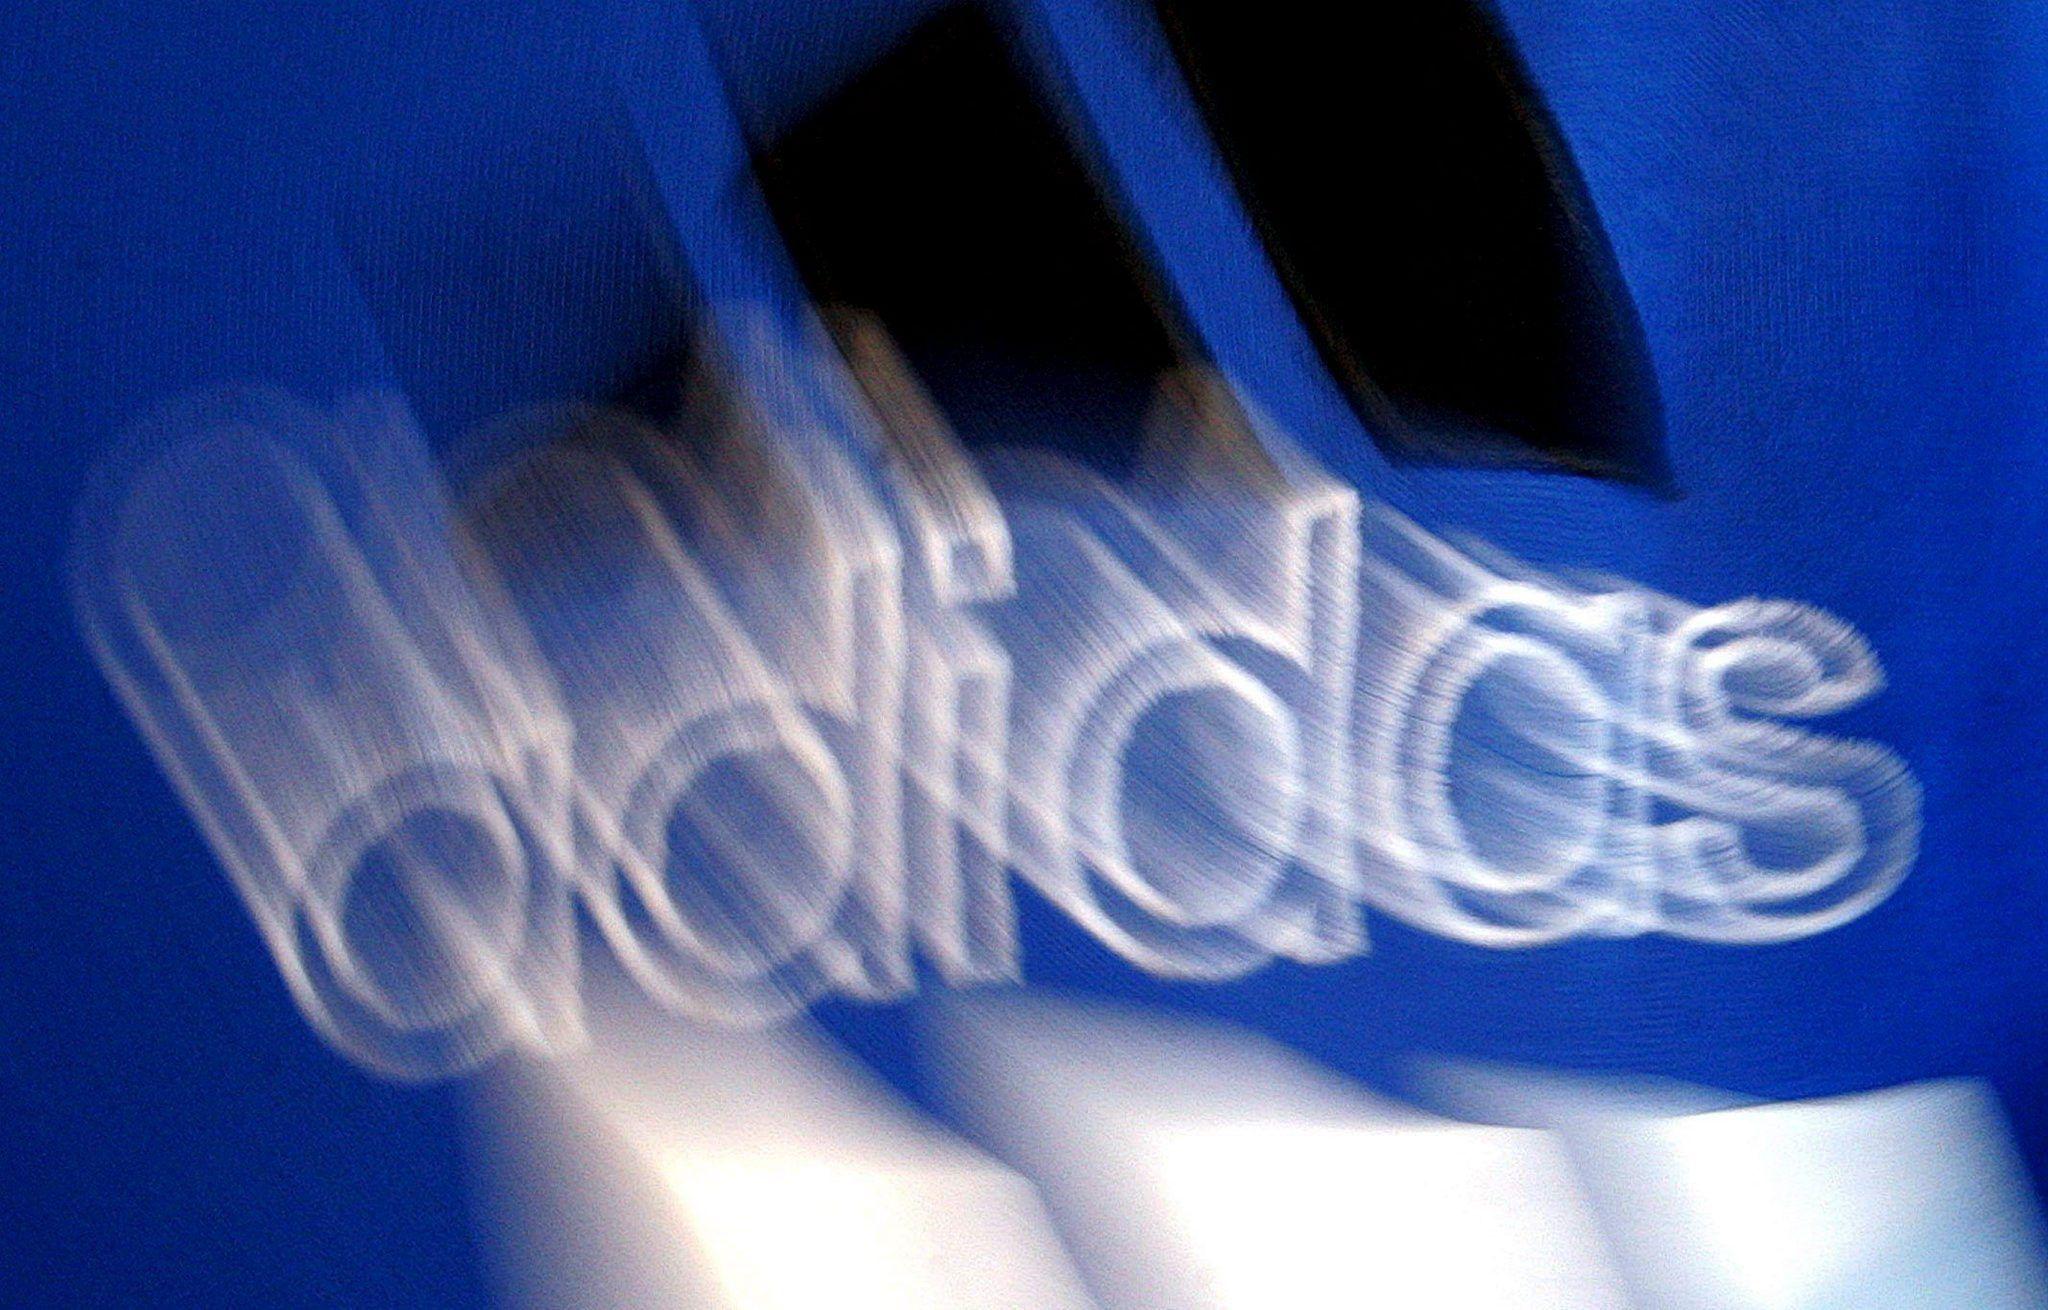 Fotografía del logo borroso del gigante de artículos de deporte Adidas. EFE/Marcus Fuehrer/Archivo